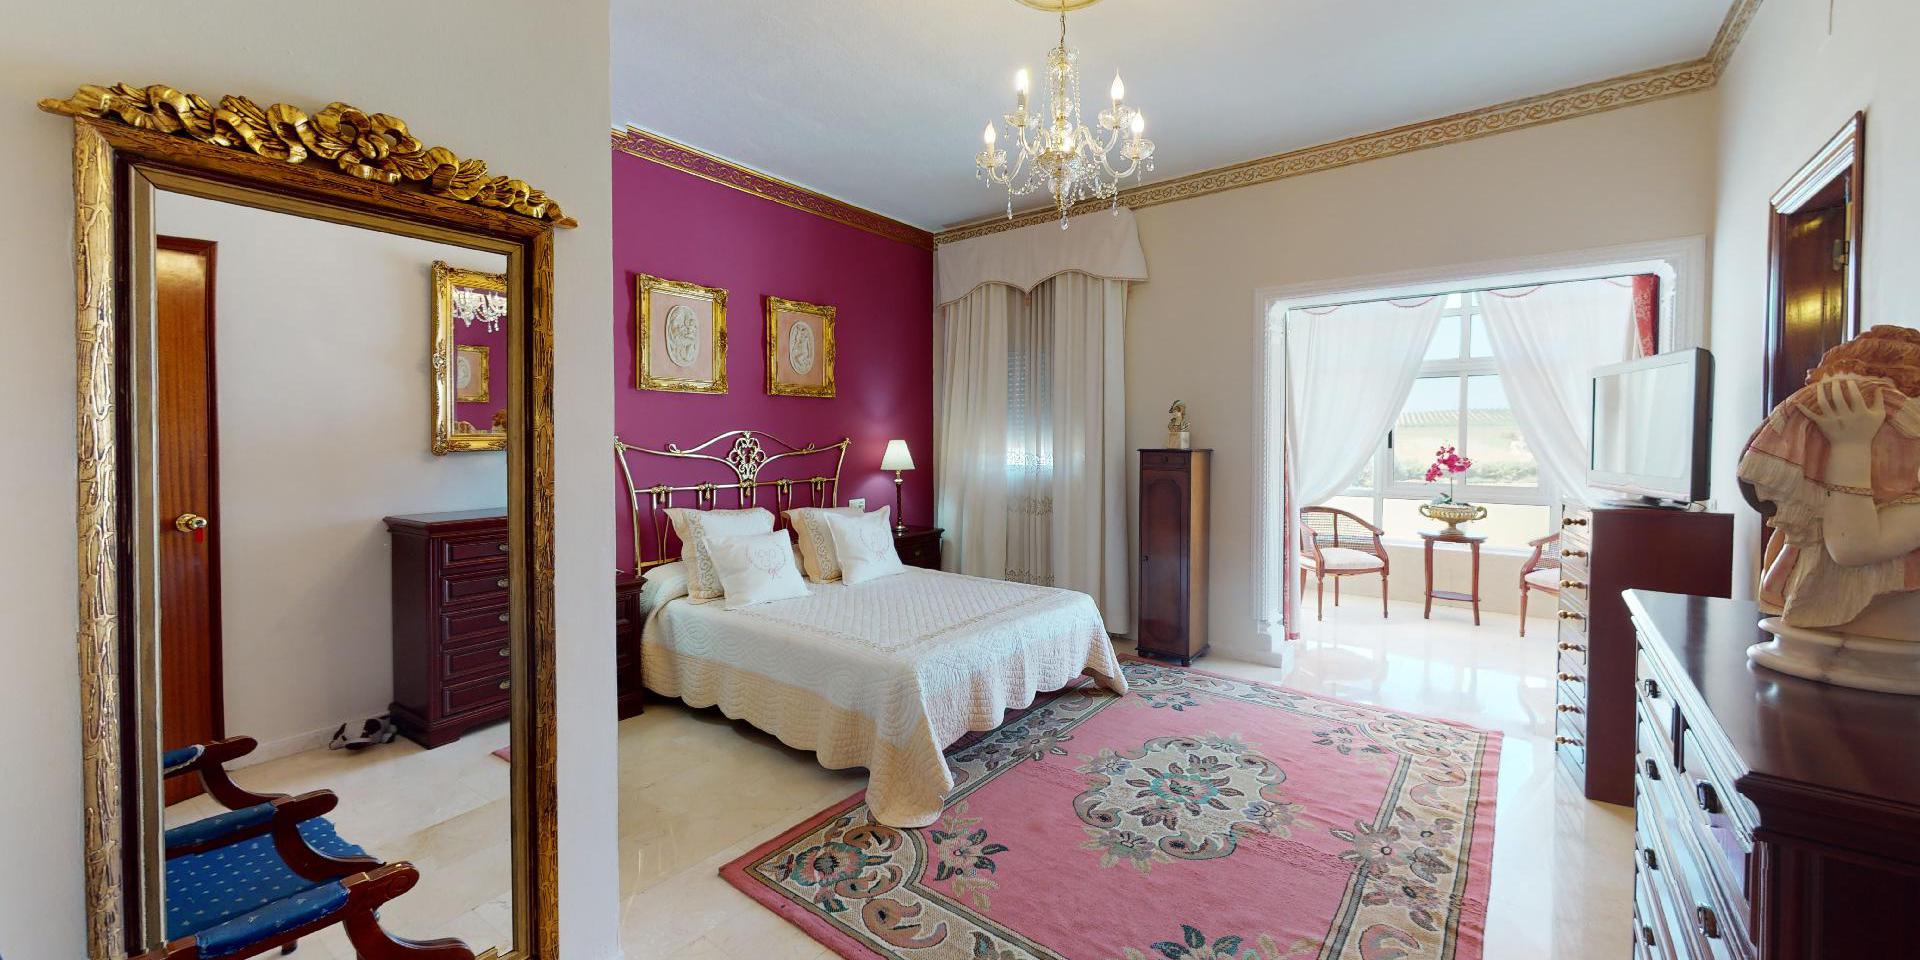 Hotel-Villa-Lucia-08072020_123118-1.jpg